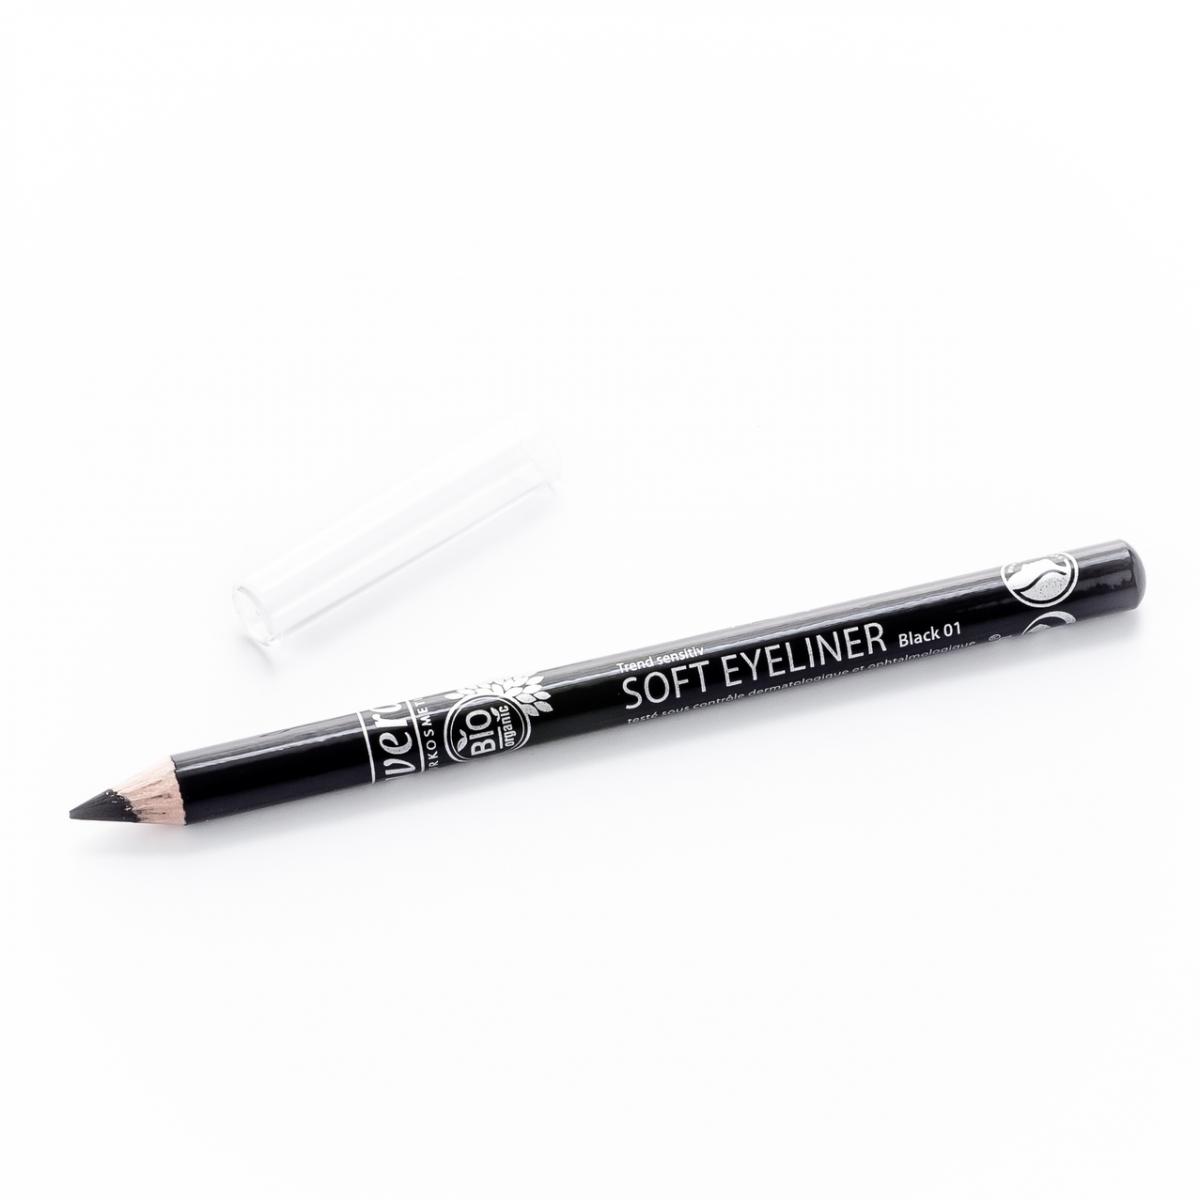 Soft Eyeliner -Black 01- Stift 1.14 g - Lavera